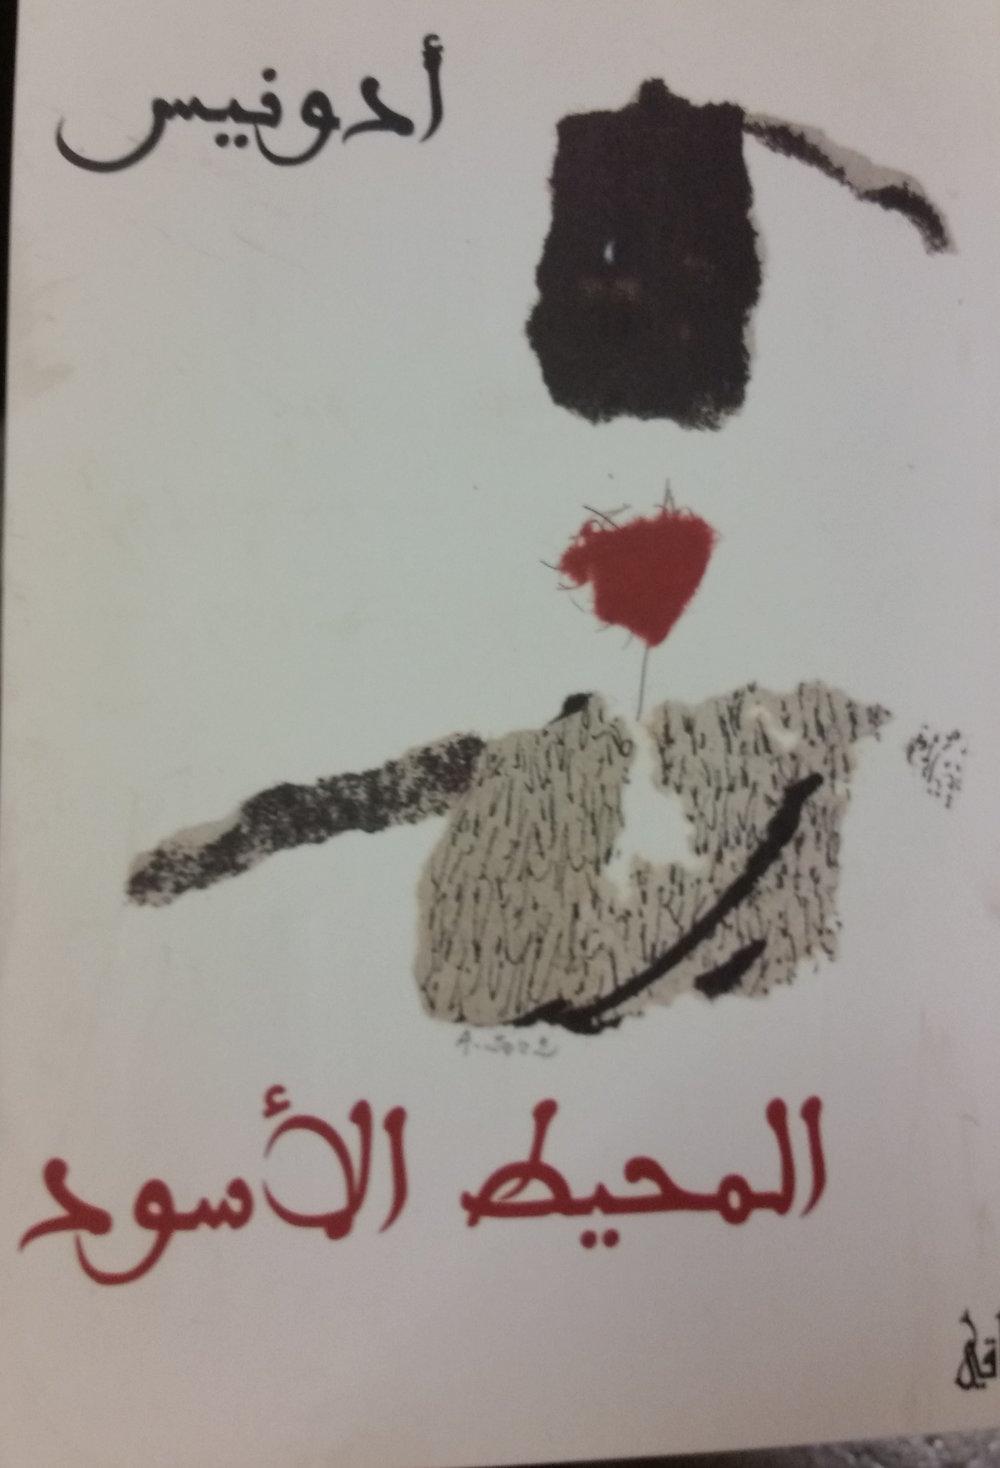 al-Muḥīṭ al-Aswad (Bayrūt: Dār al-Sāqī, 2005)